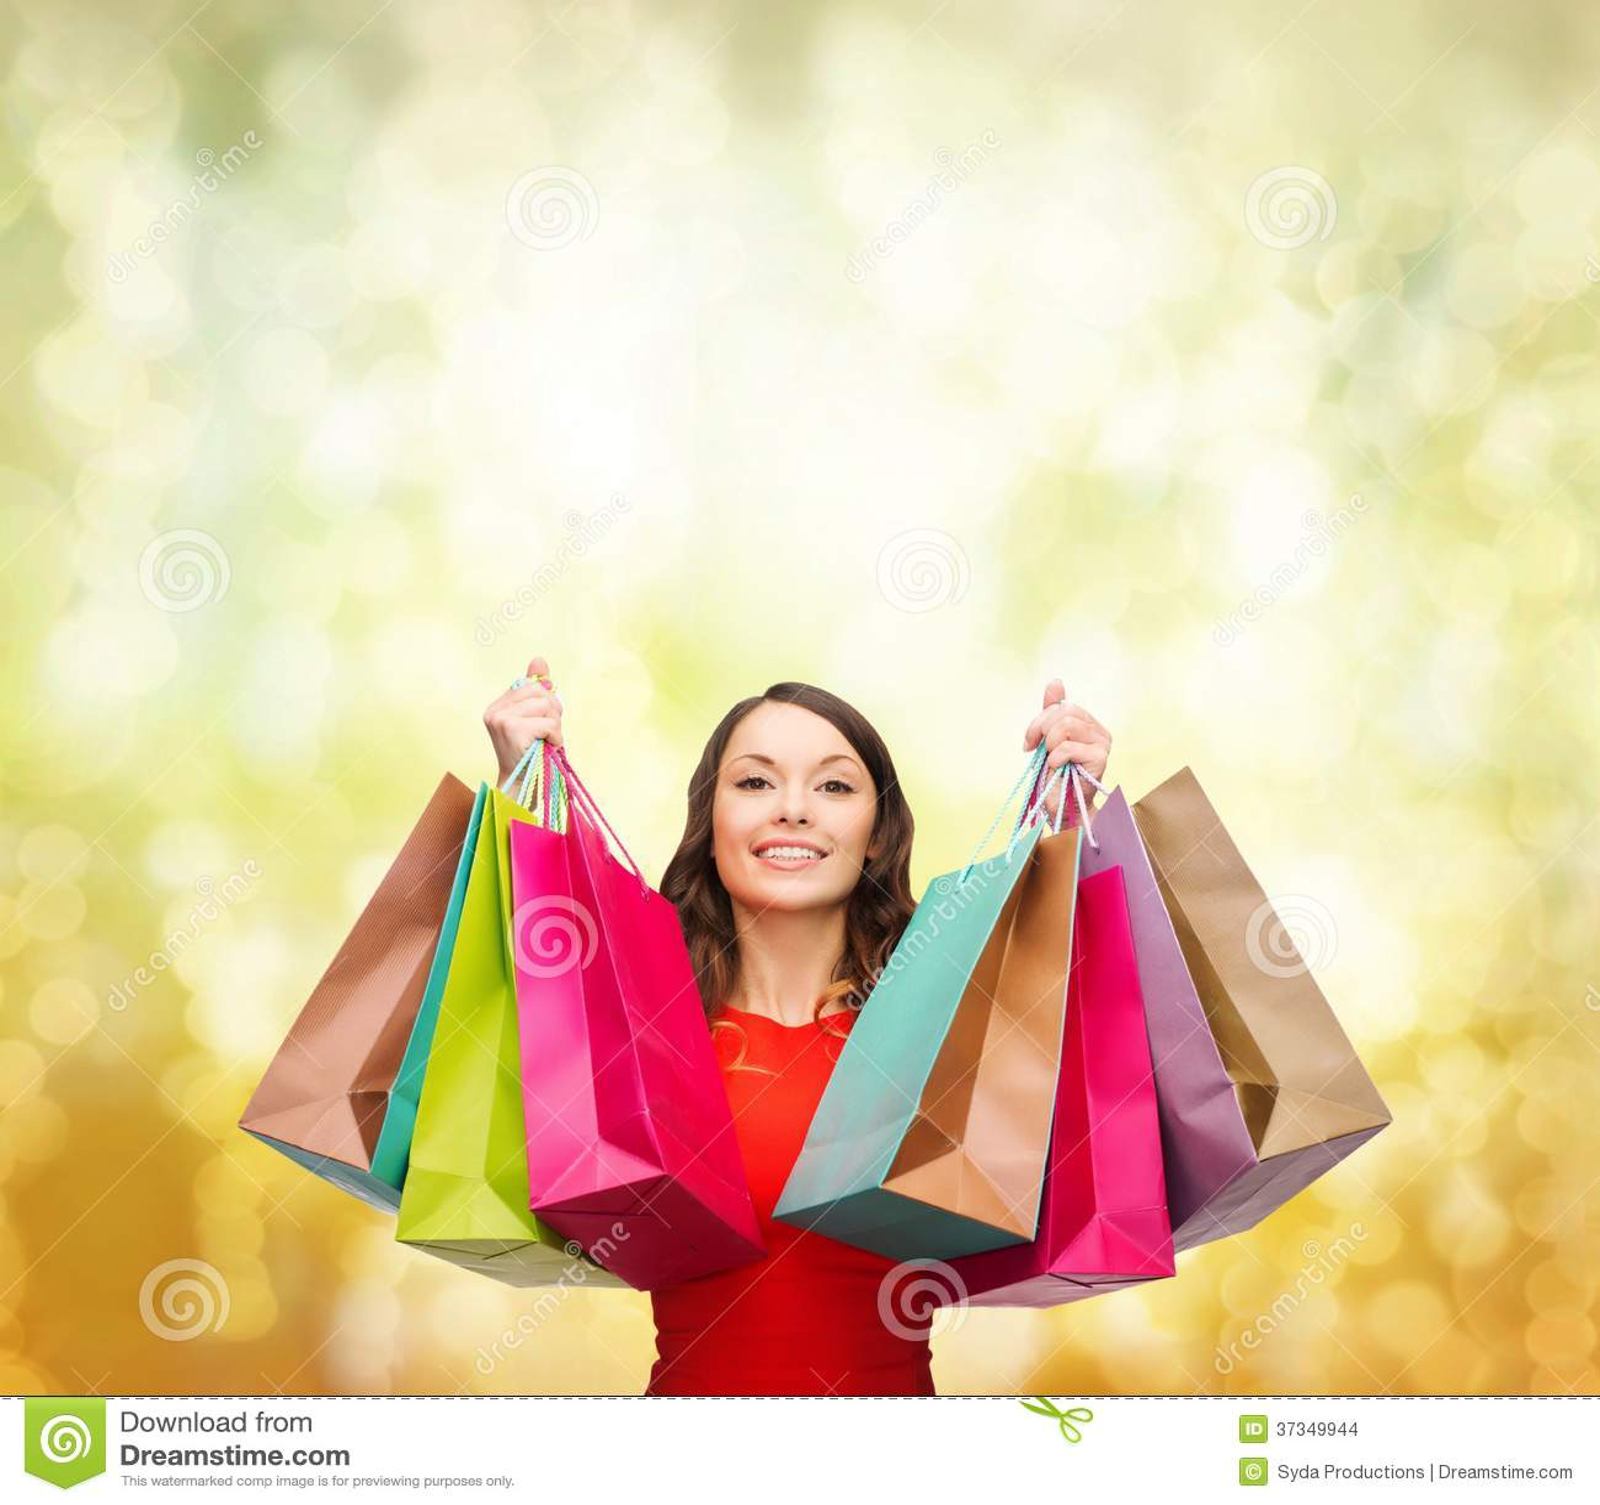 Kvinna i röd klänning med färgrika shoppingpåsar